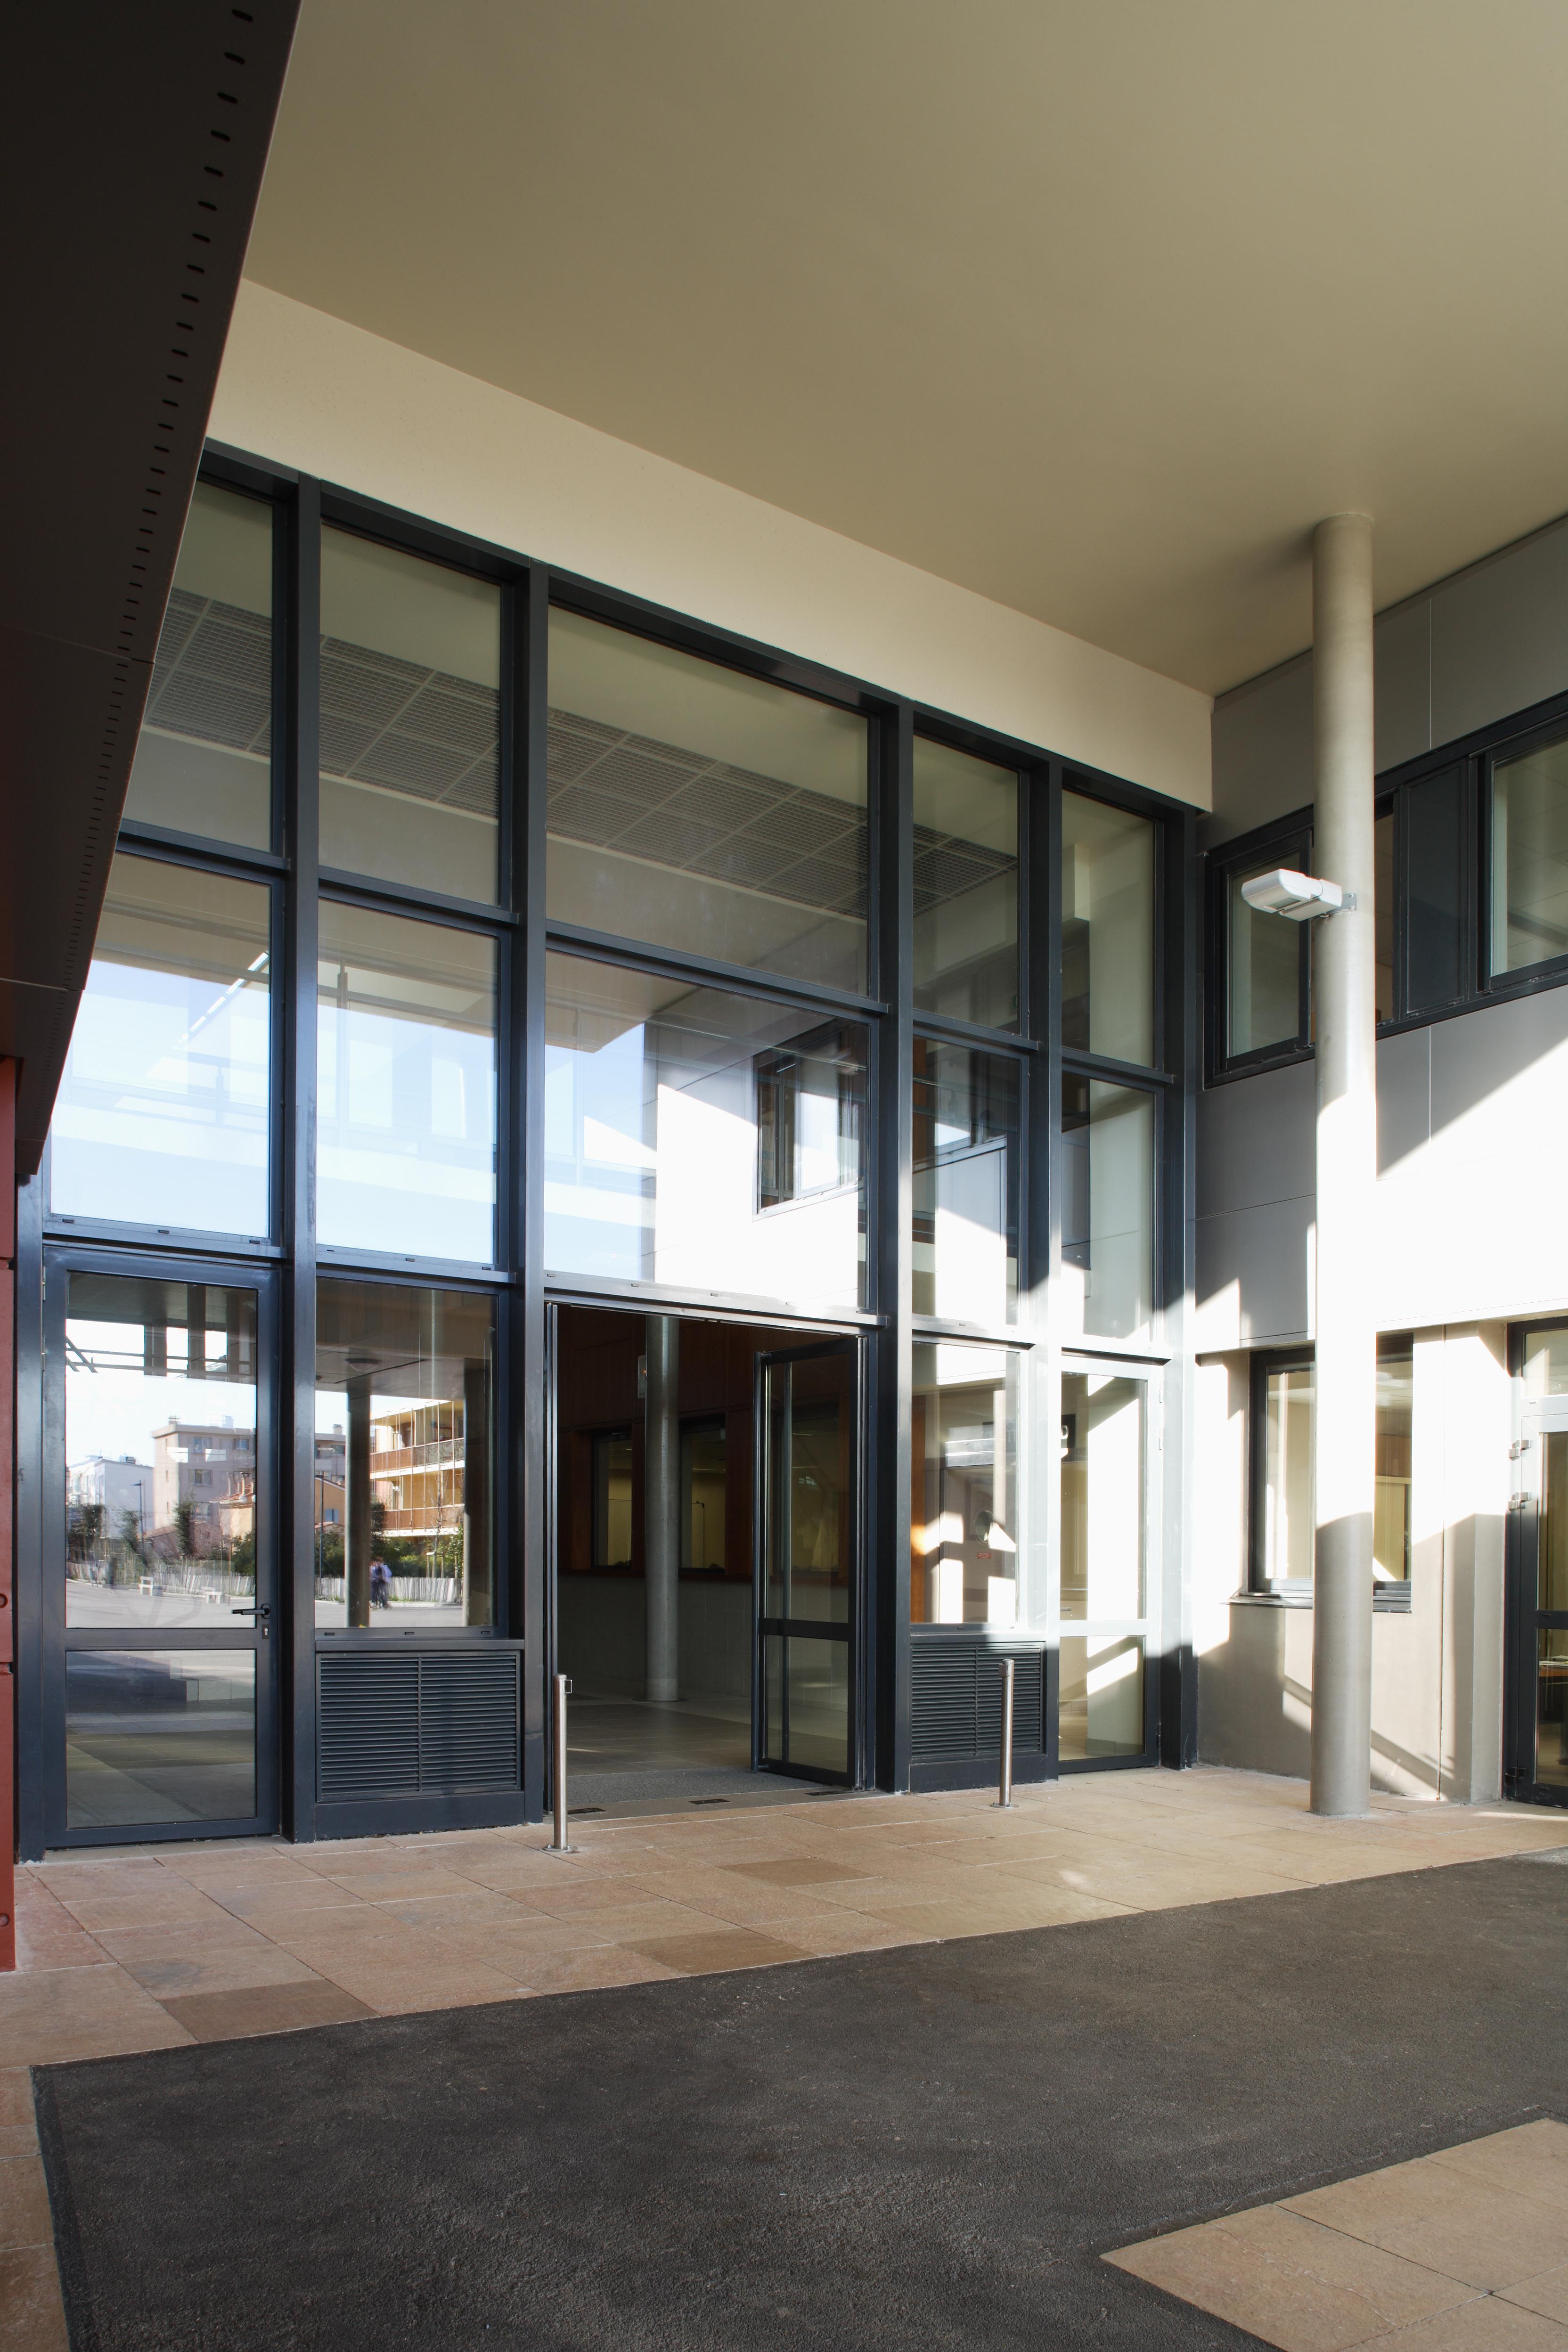 Entrée principale du Collège Paul Eluard par AAPL architecte DPLG dans le VAR